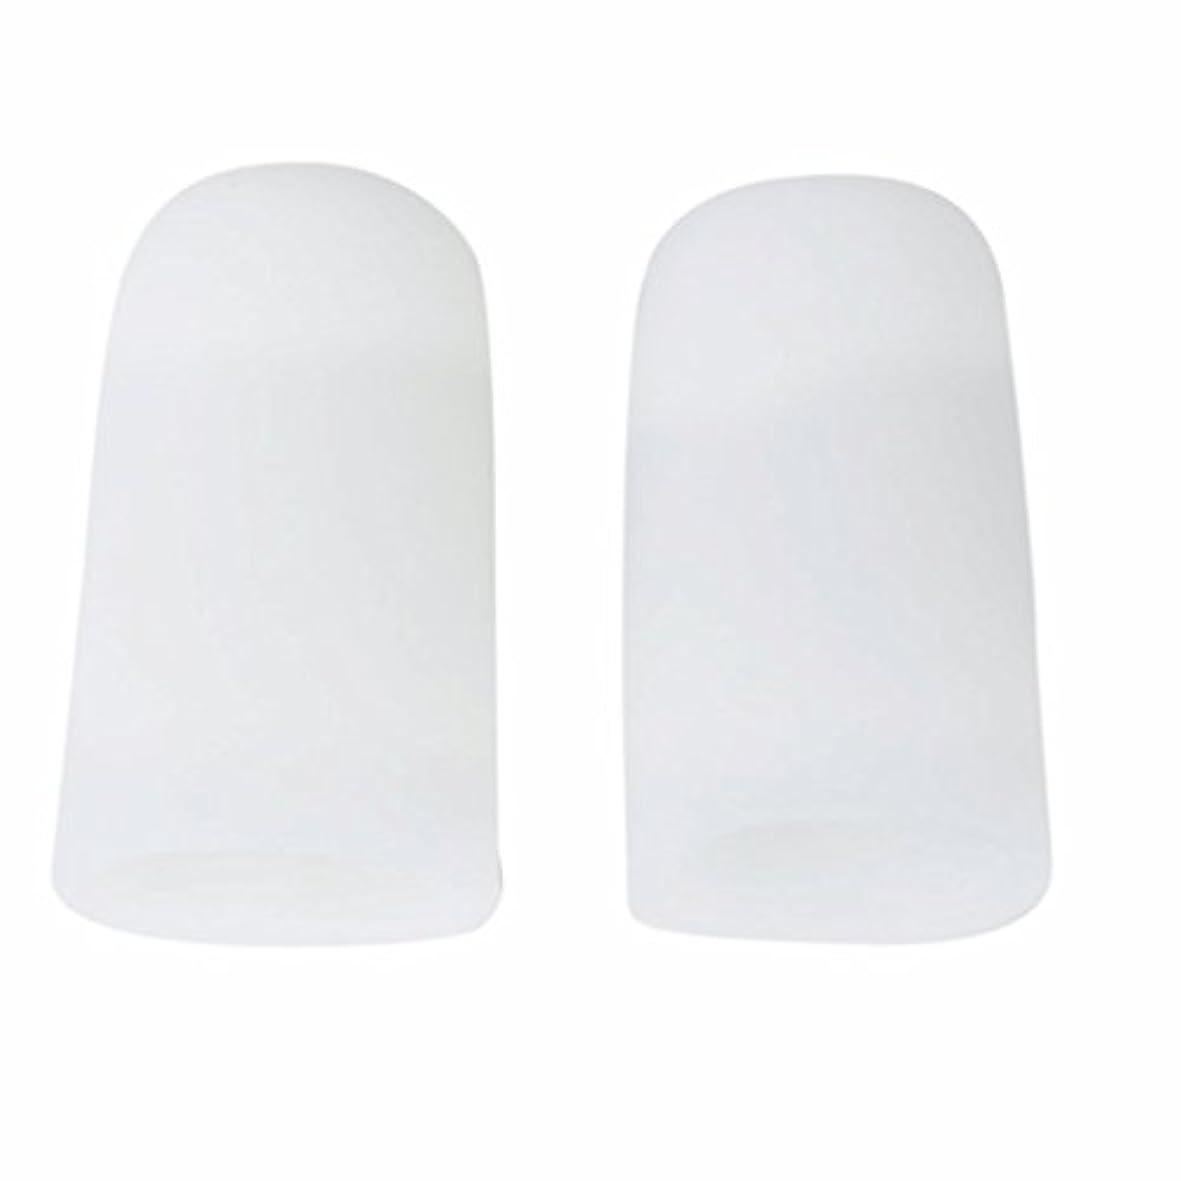 石化する聞く固めるAMAA 足指 保護キャップ つま先 プロテクター 足先のつめ 保護キャップ シリコン S M Lサイズ 1ペア (M)